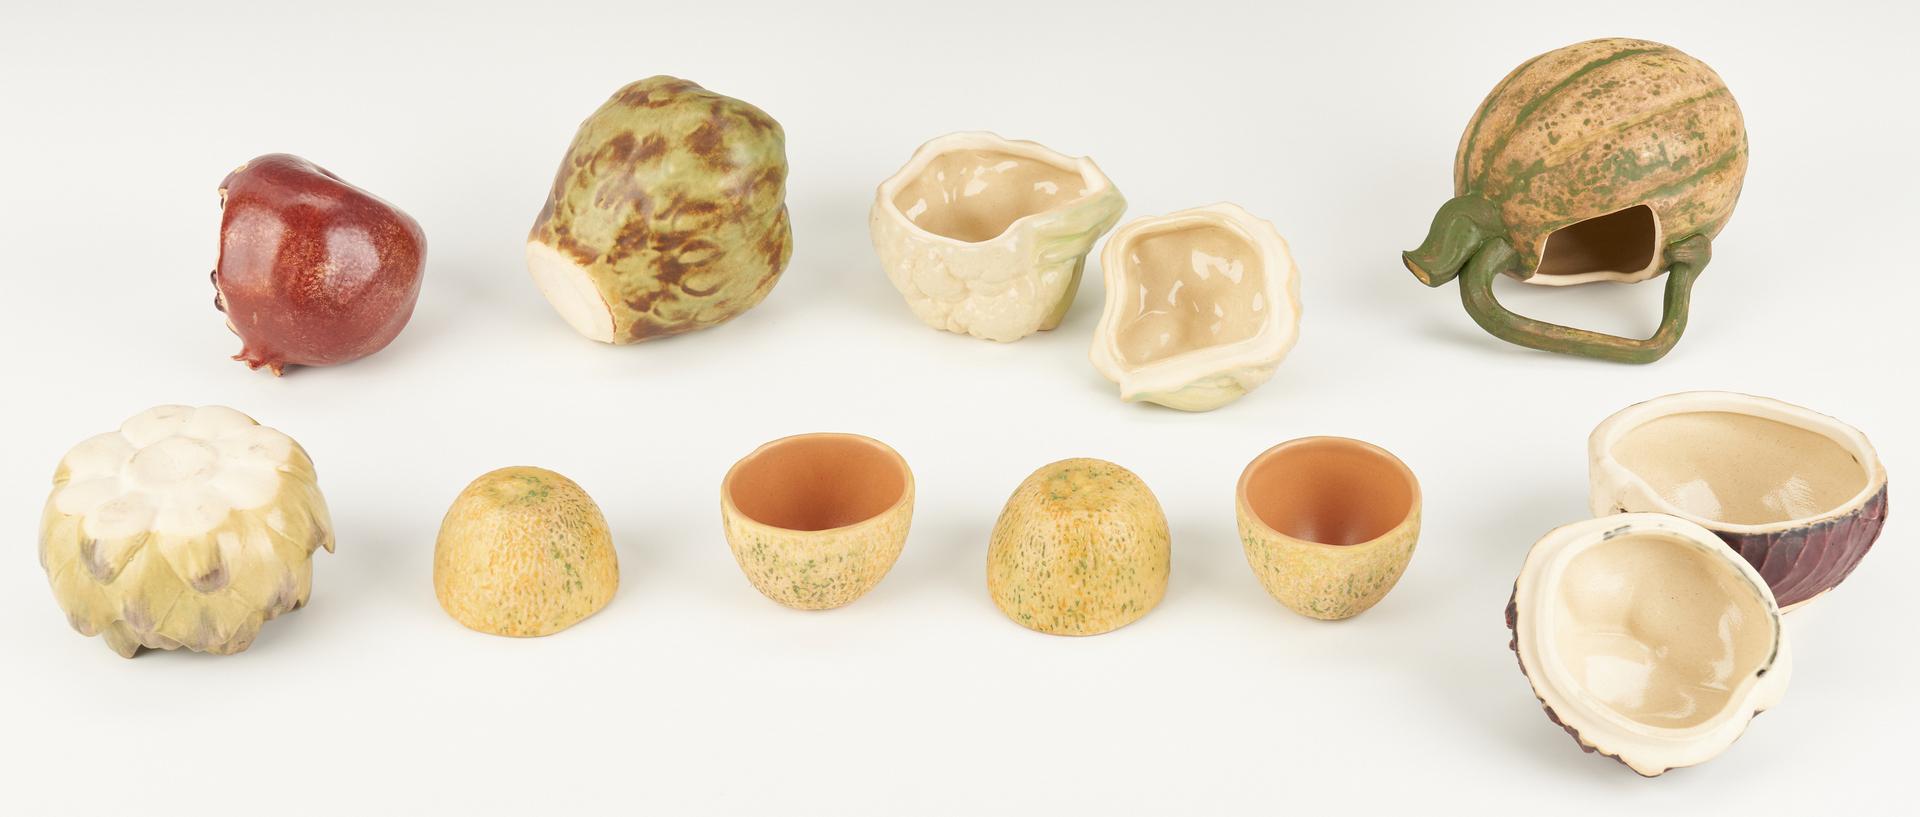 Lot 893: 23 Pcs. Patricia Garrett Art Pottery Vegetables